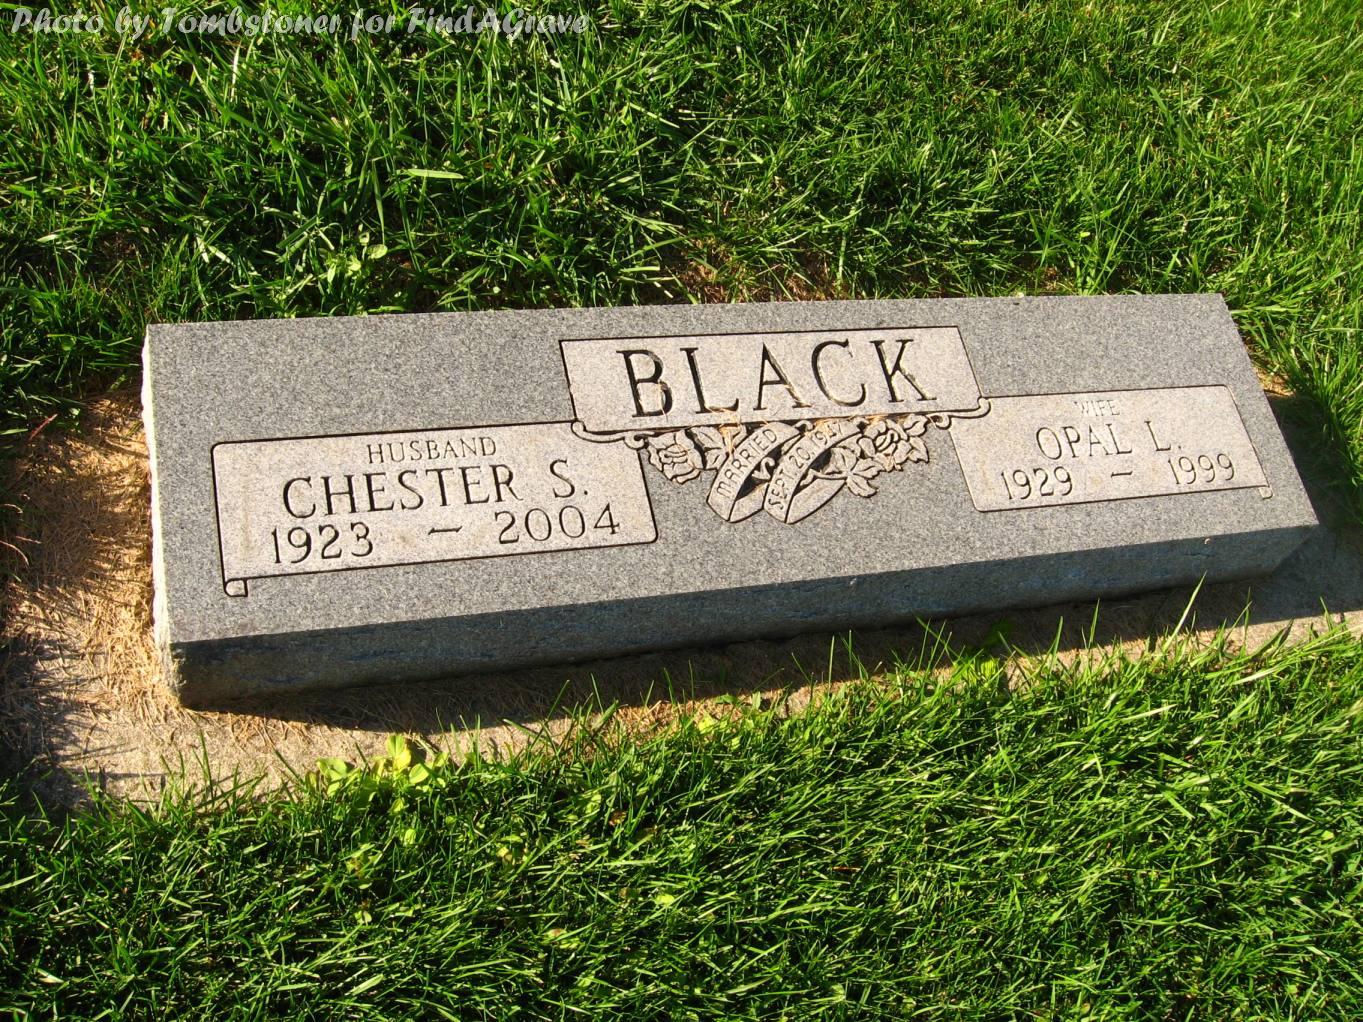 Chester S. Black